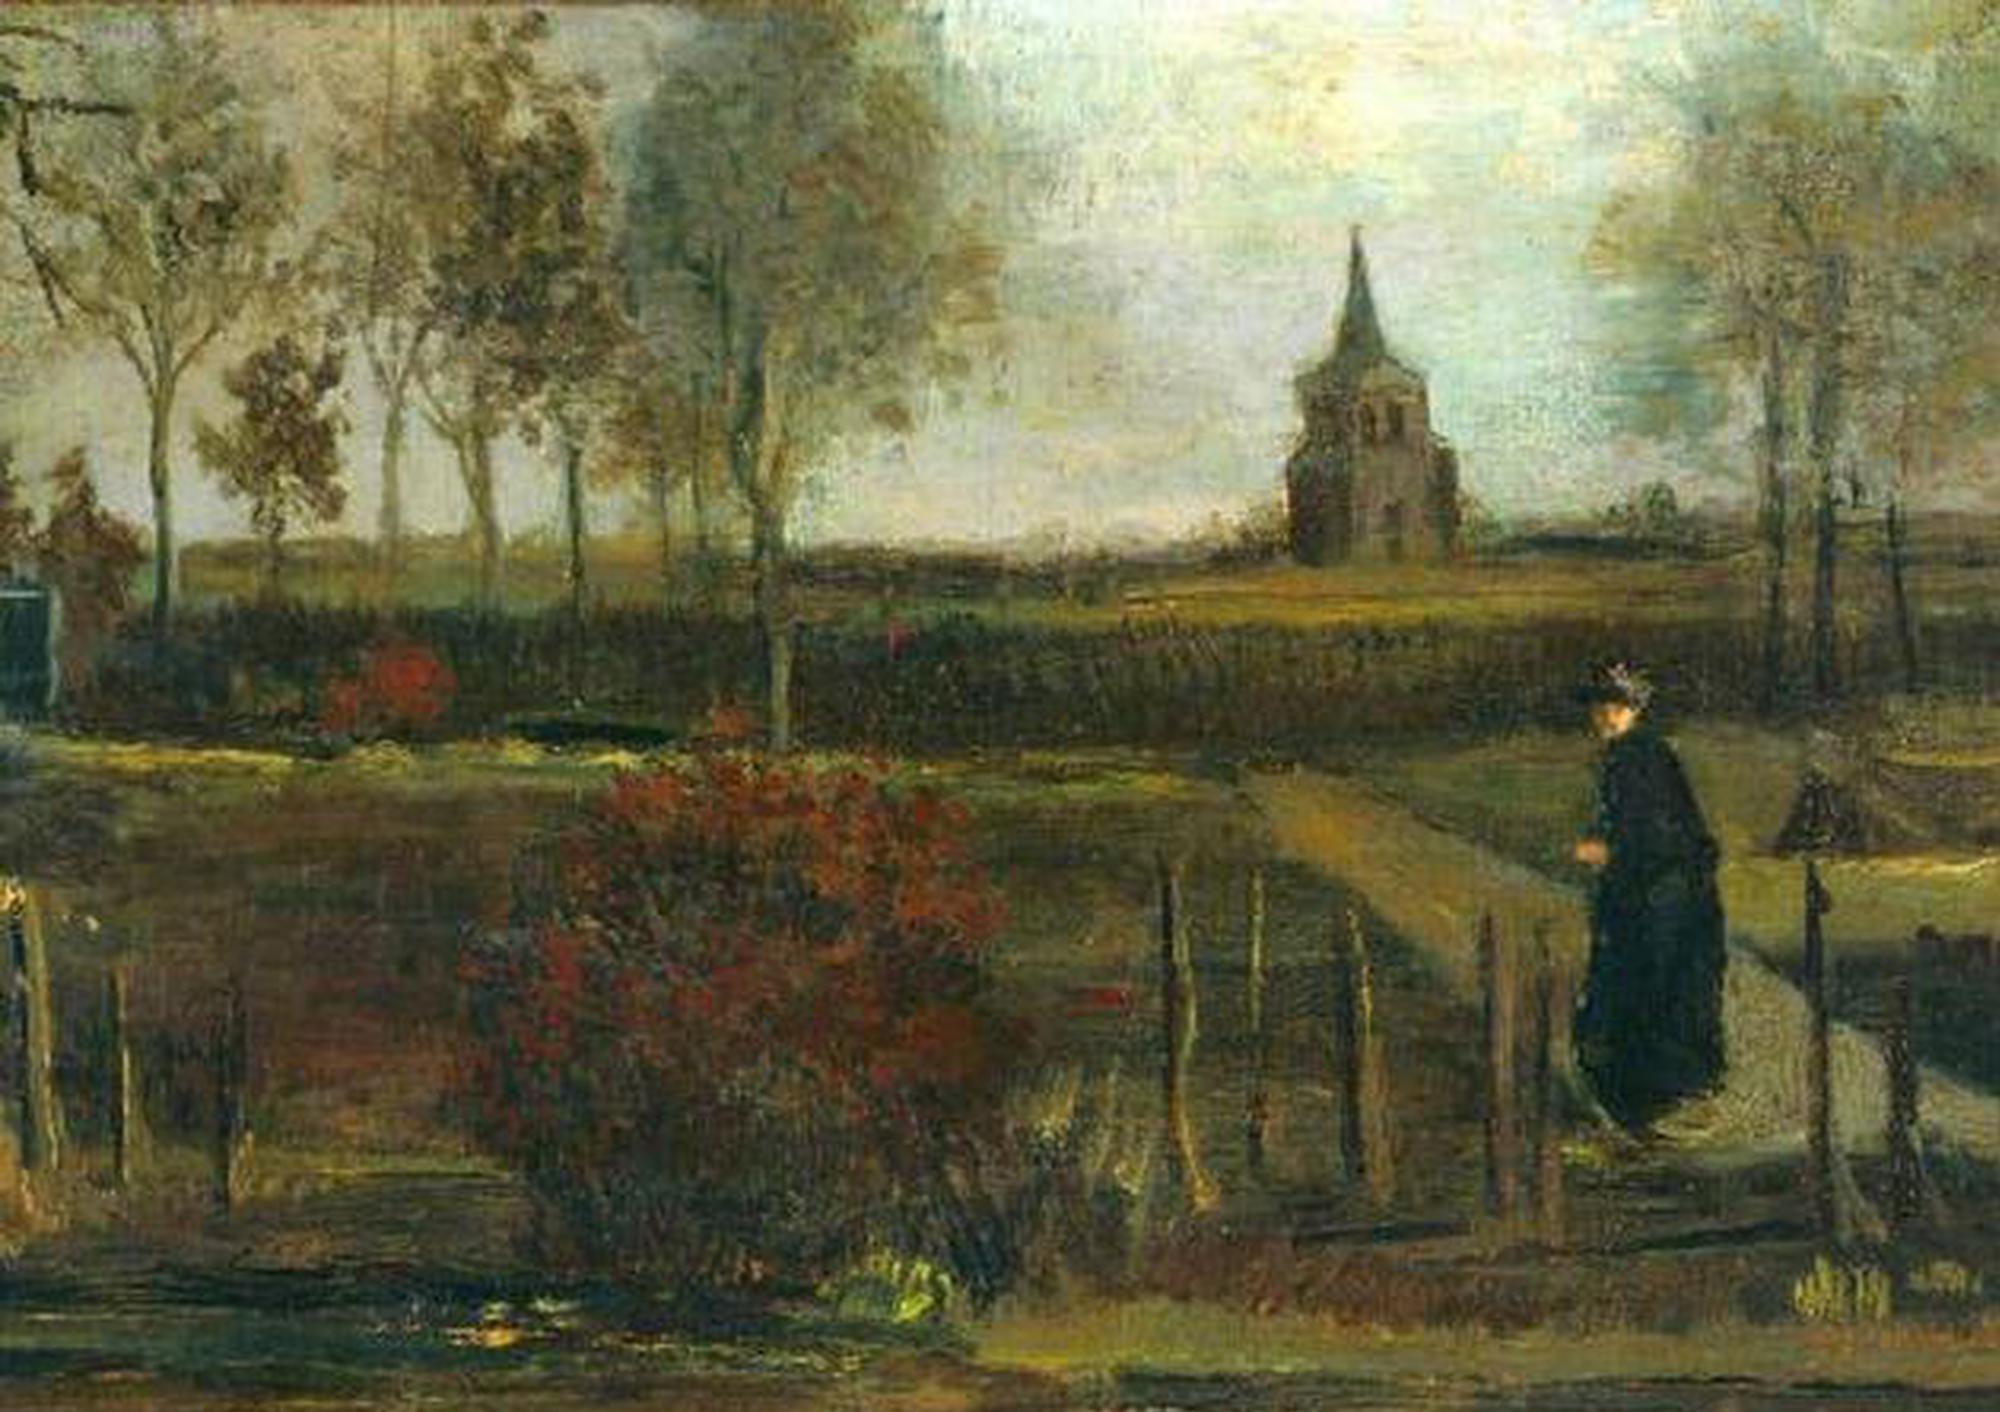 荷兰博物馆遭窃梵高画作被偷